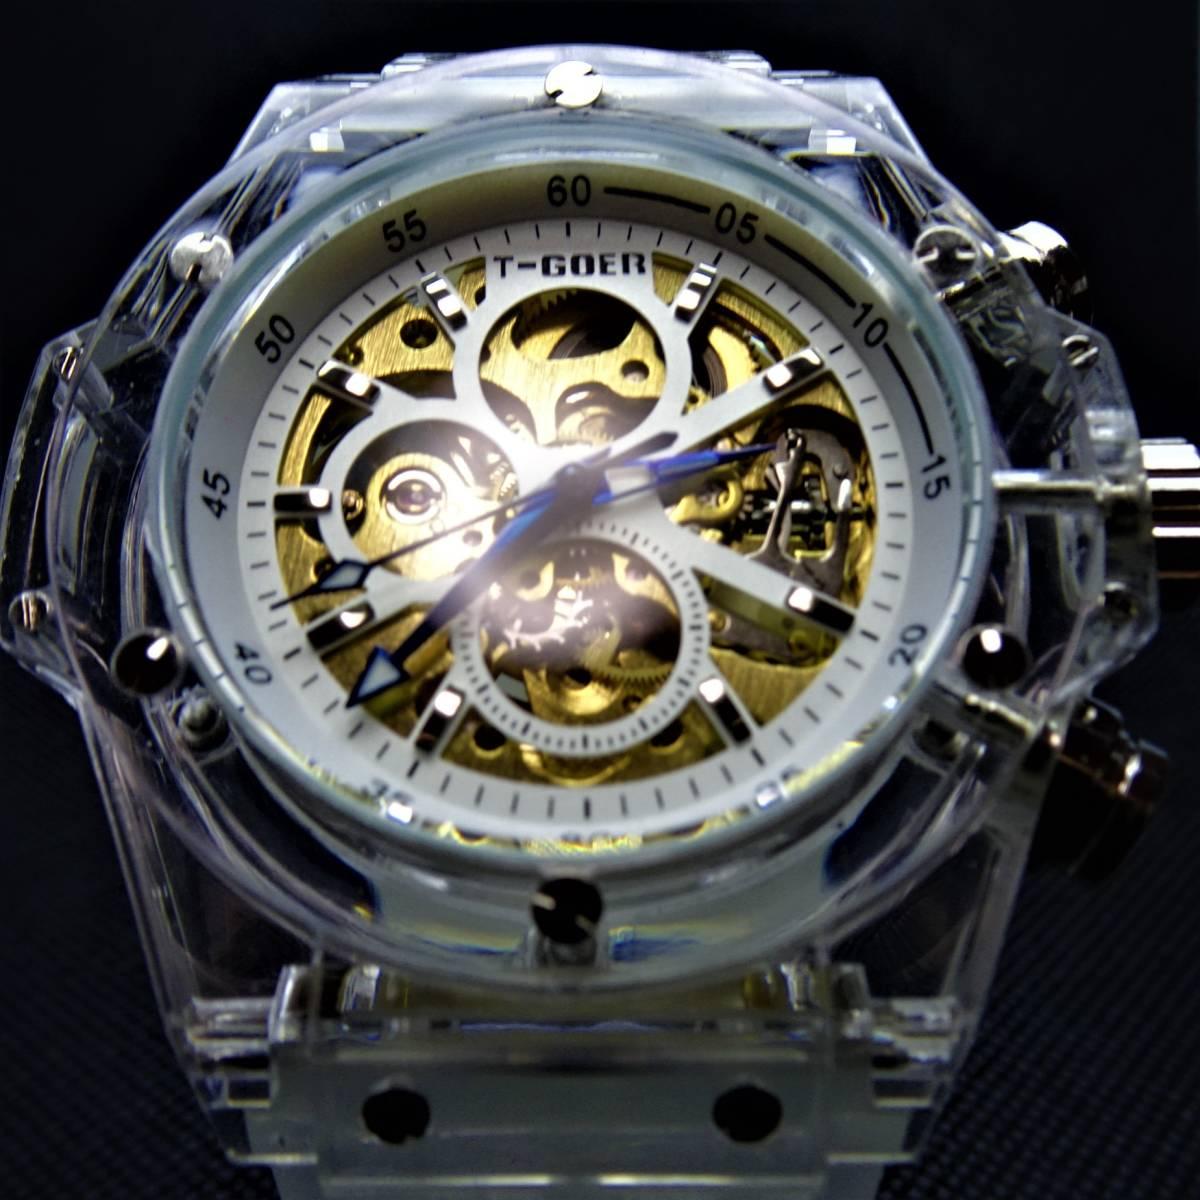 〓新品〓自動巻き機械式腕時計スタンダードモデル49mmホワイトシリコンベルトスケルトンケースt-goer